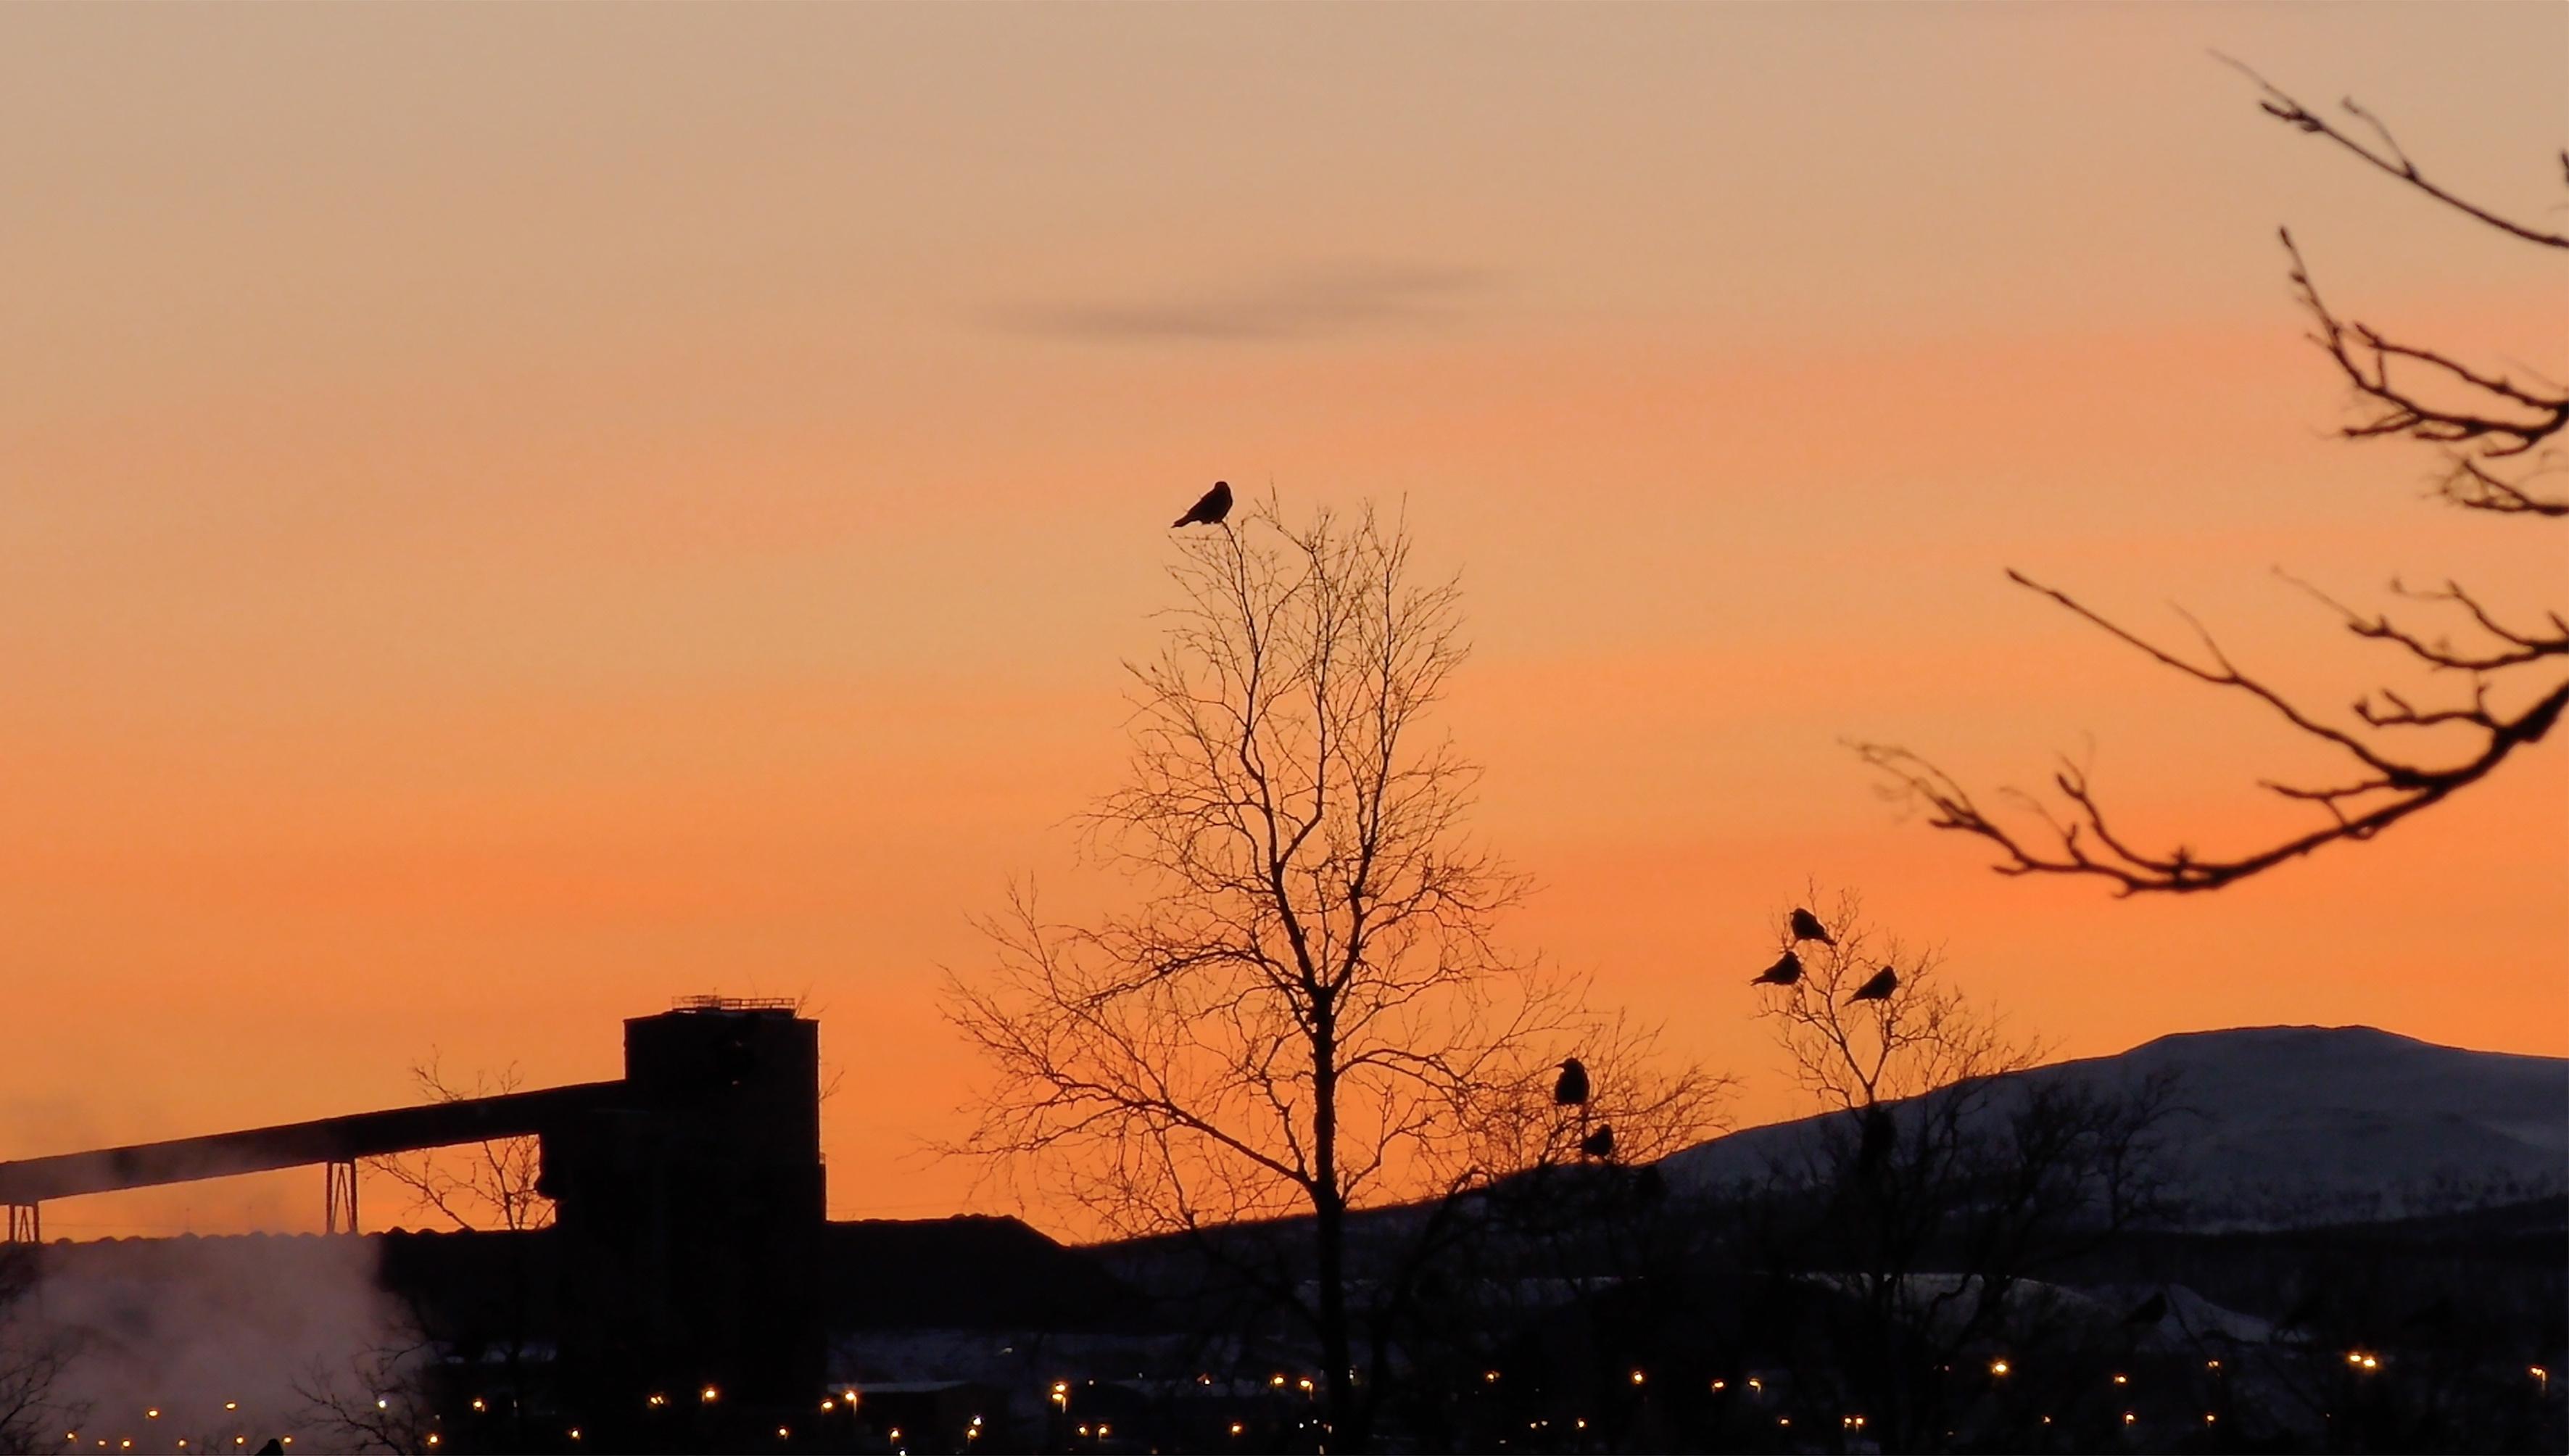 Fågel mot röd himmel mindre